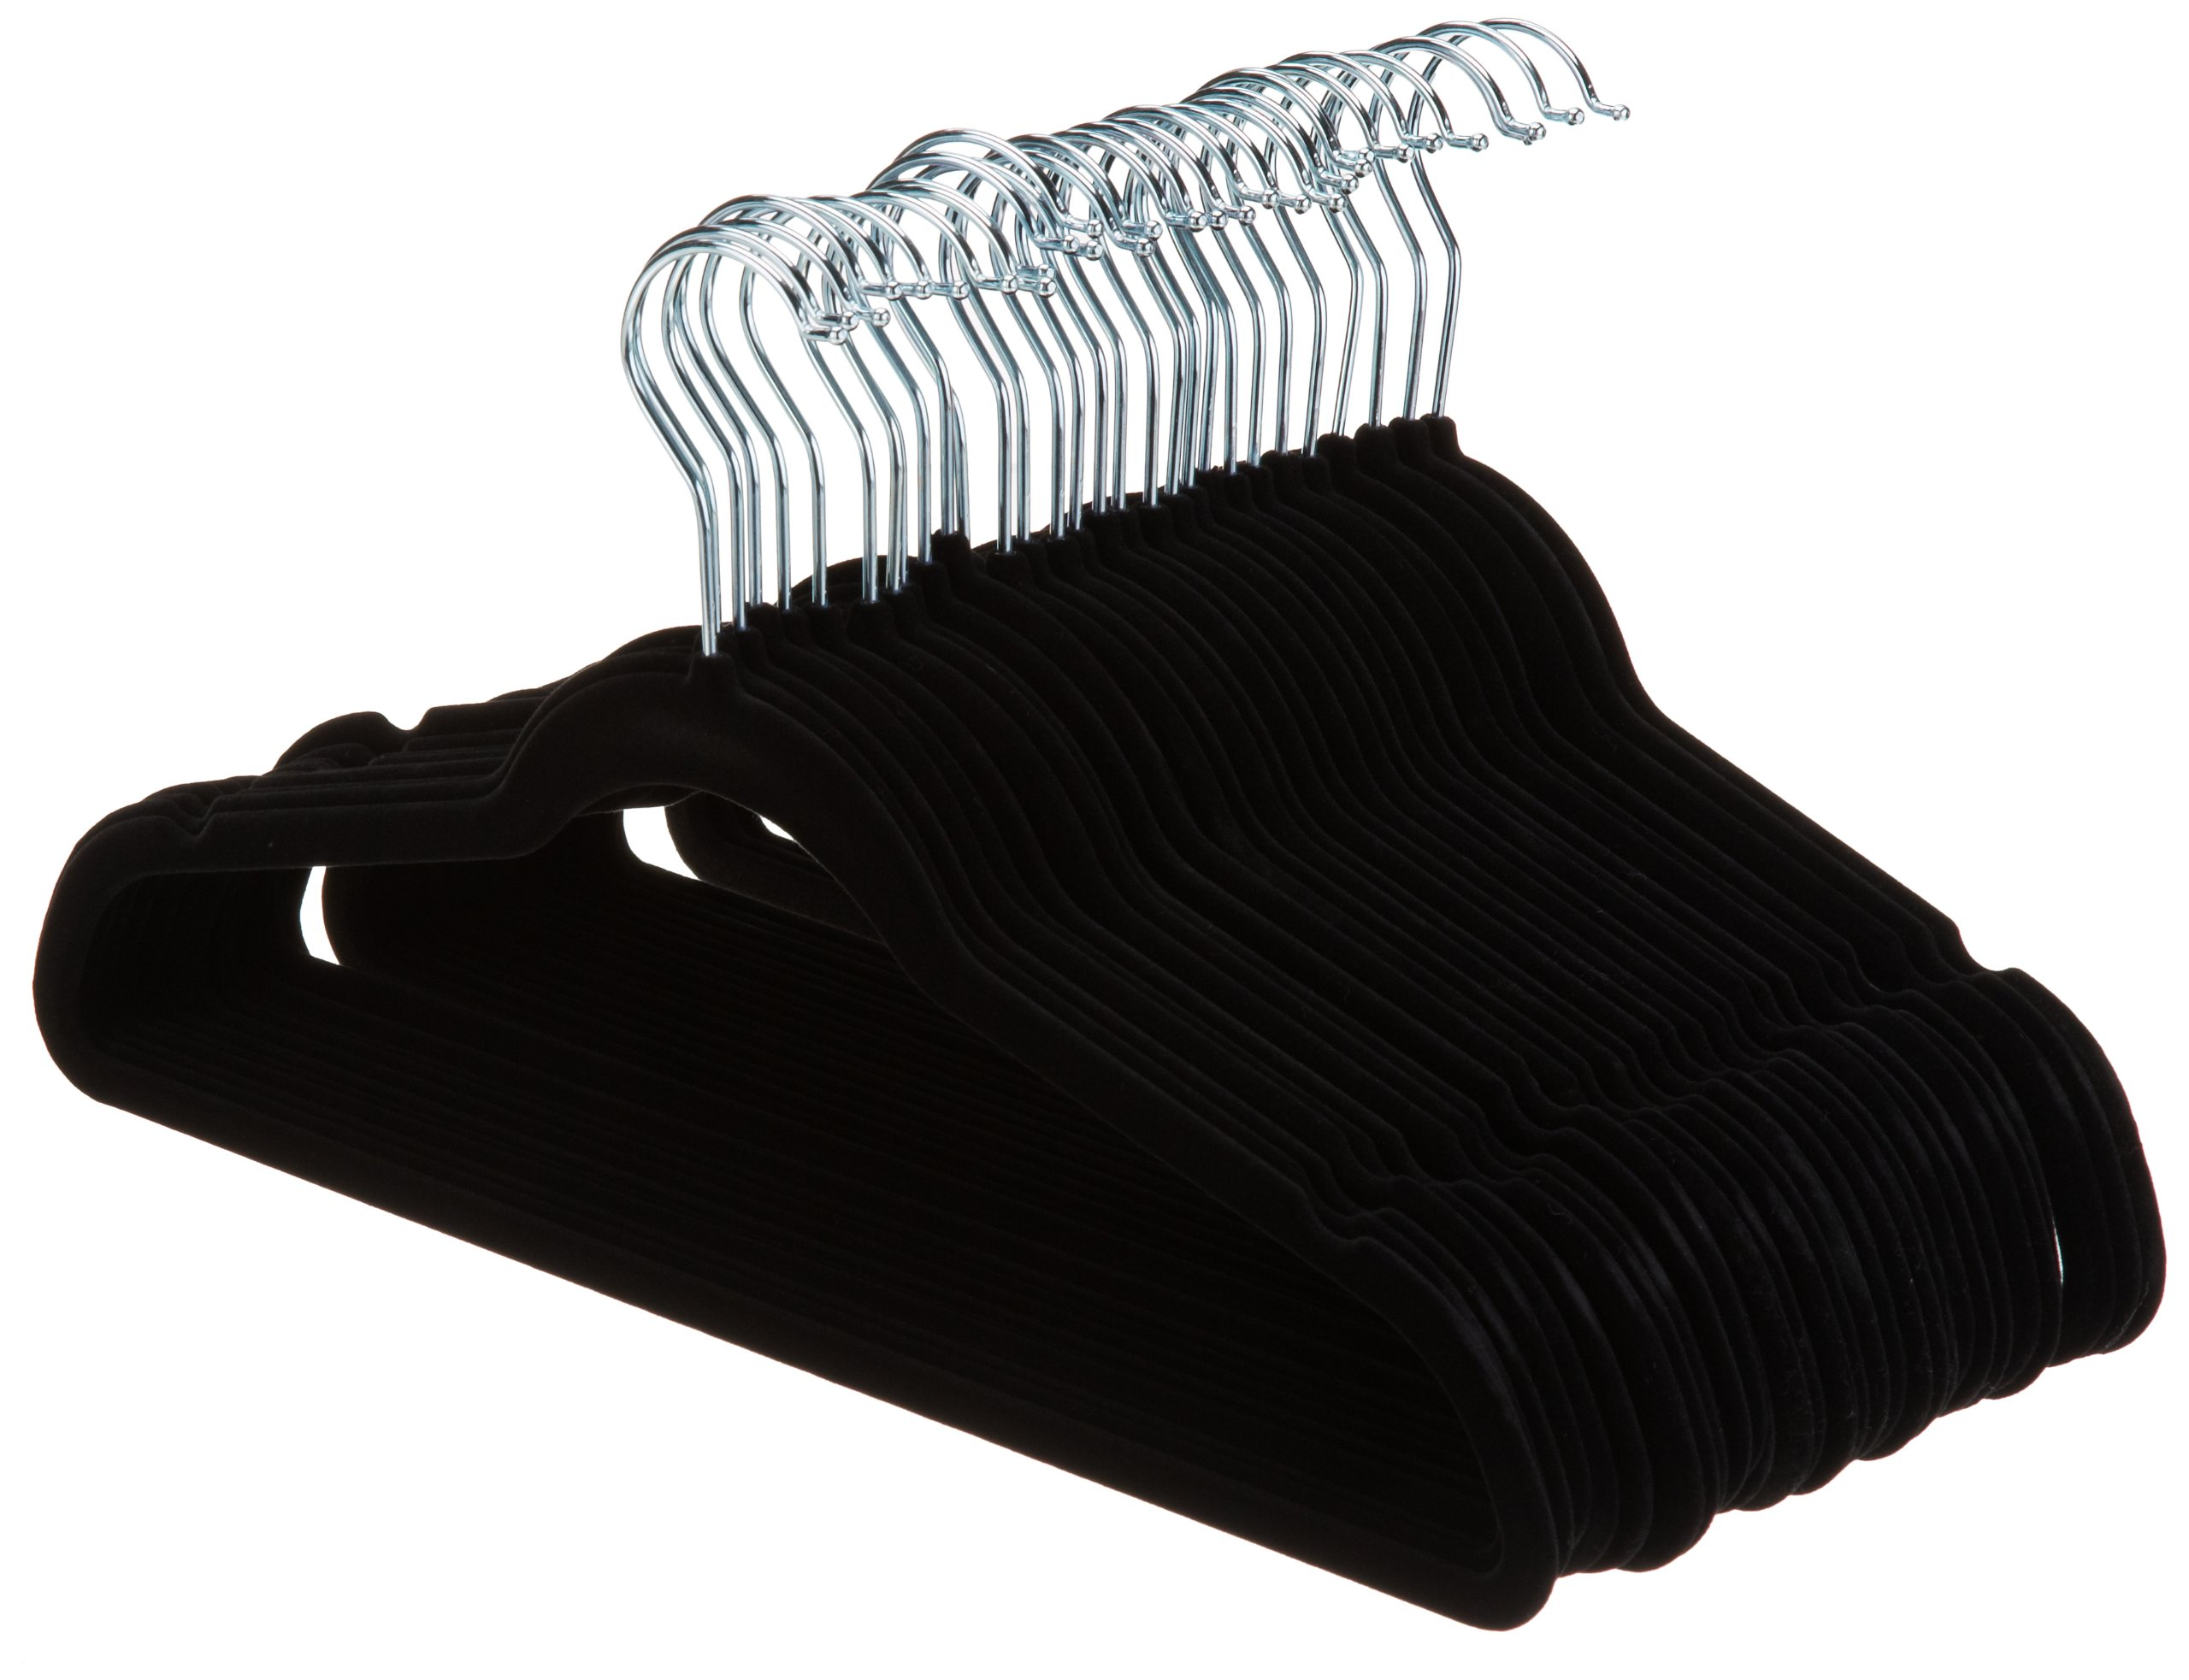 AmazonBasics Velvet Suit Hangers - 30-Pack, Black